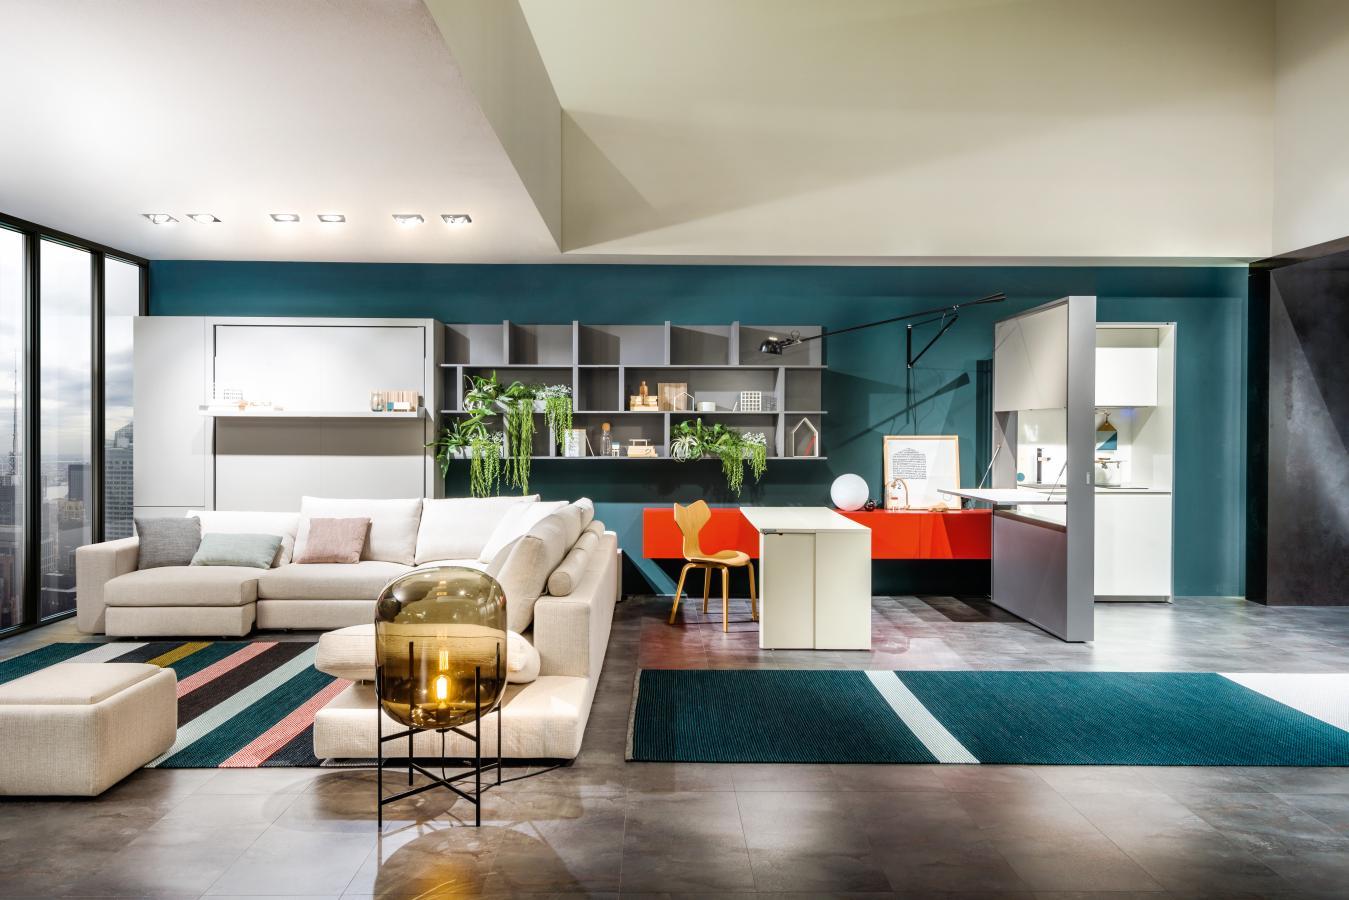 פתרונות איכותיים לדירות קטנות